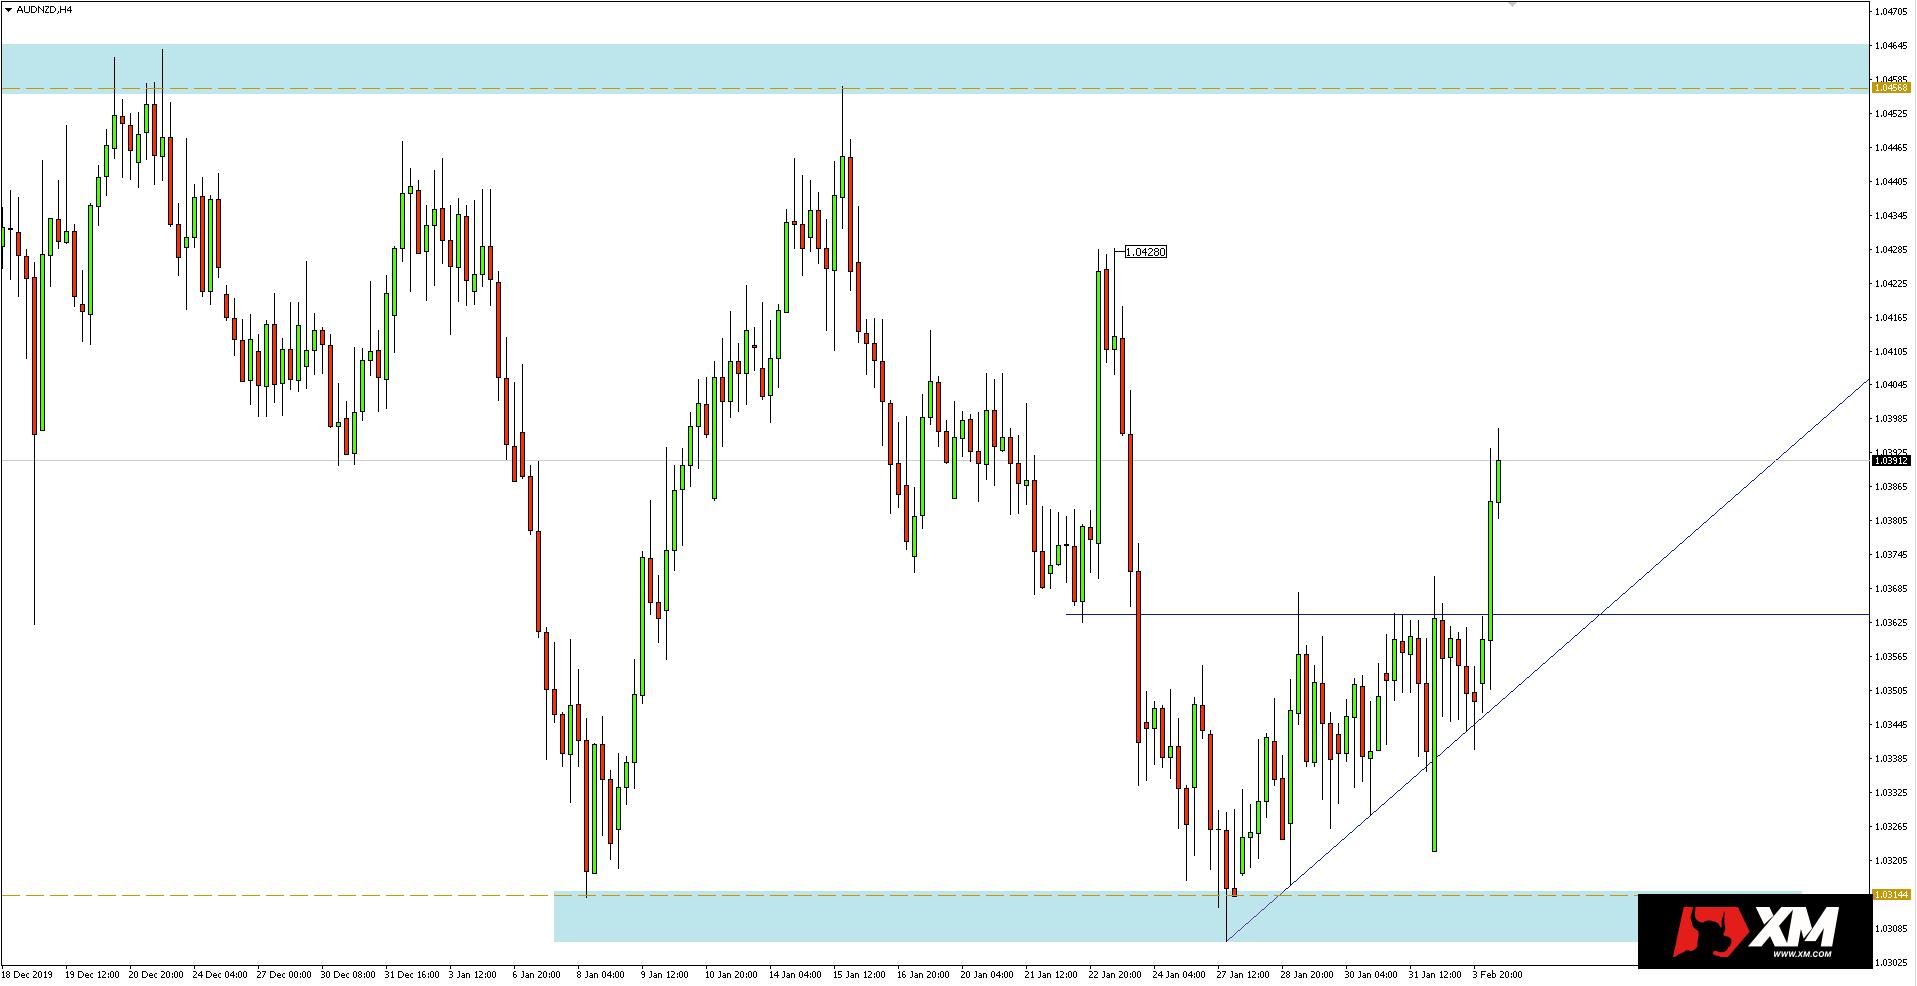 Wykres 4-godzinny pary walutowej AUDNZD - 4 lutego 2020 r.